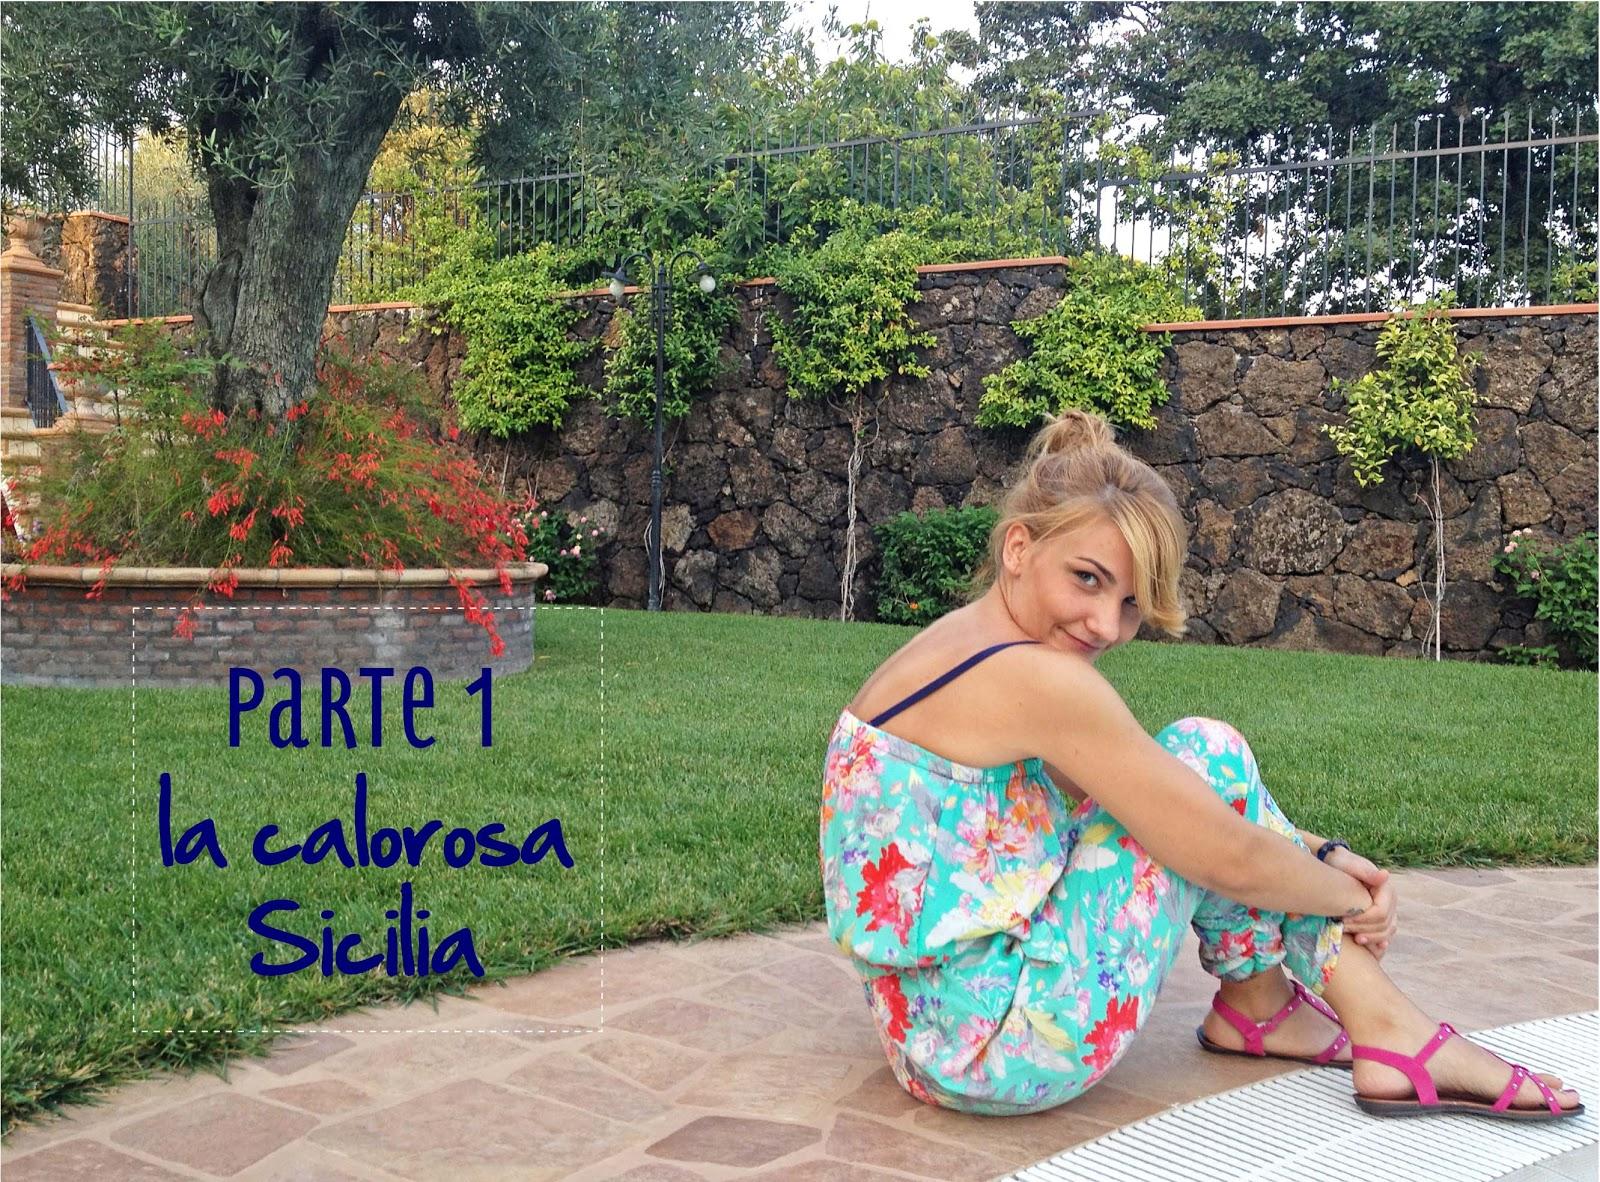 La calorosa Sicilia